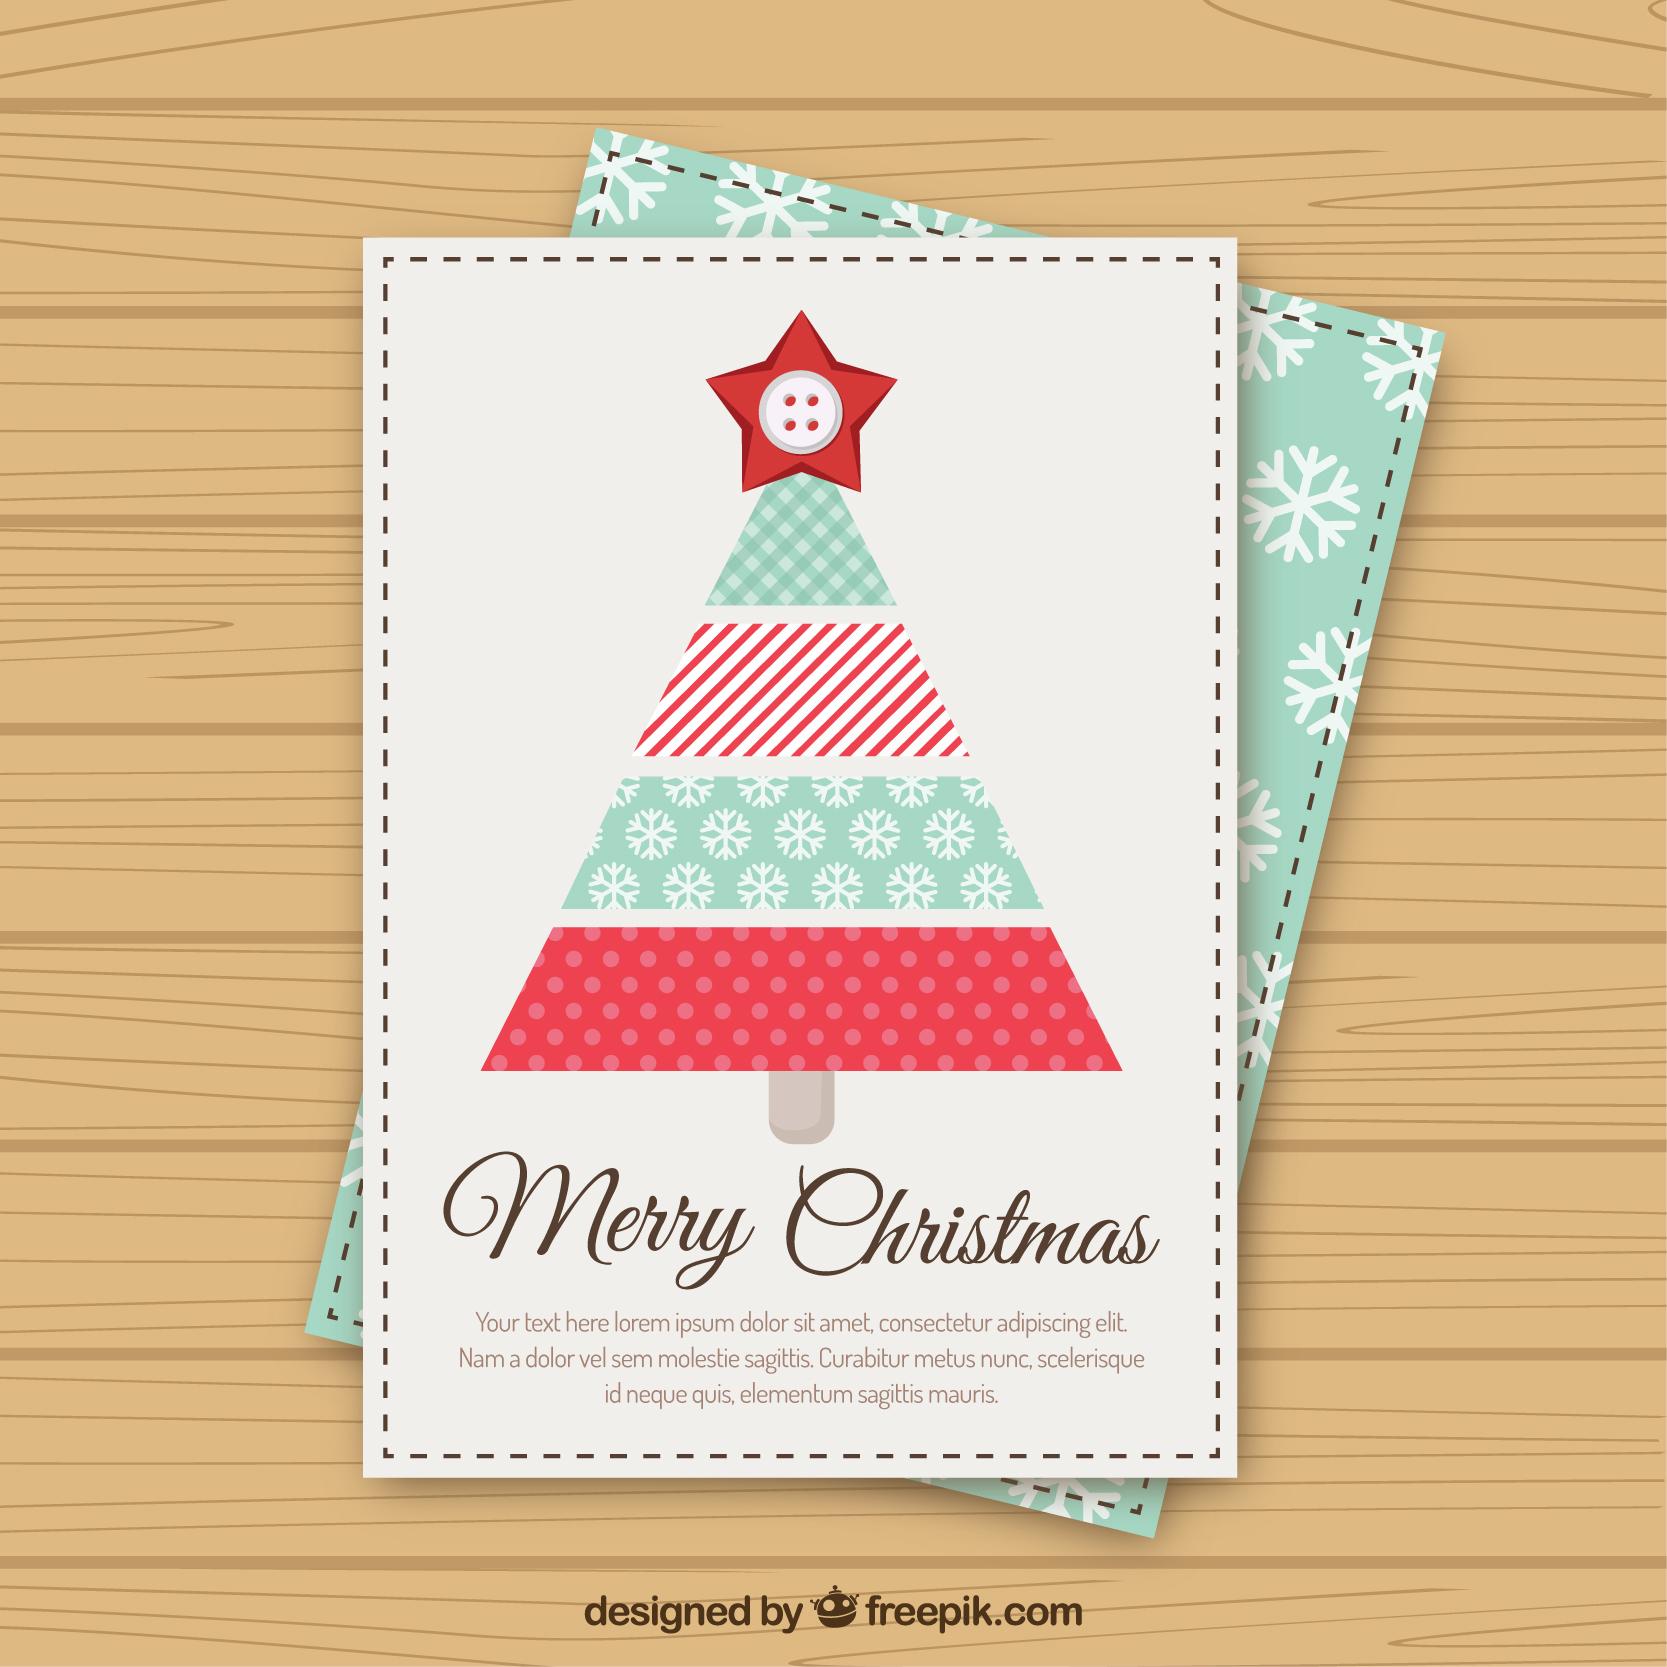 Biglietti Di Natale Modelli.Modelli Biglietti Auguri Natale Word Disegni Di Natale 2019